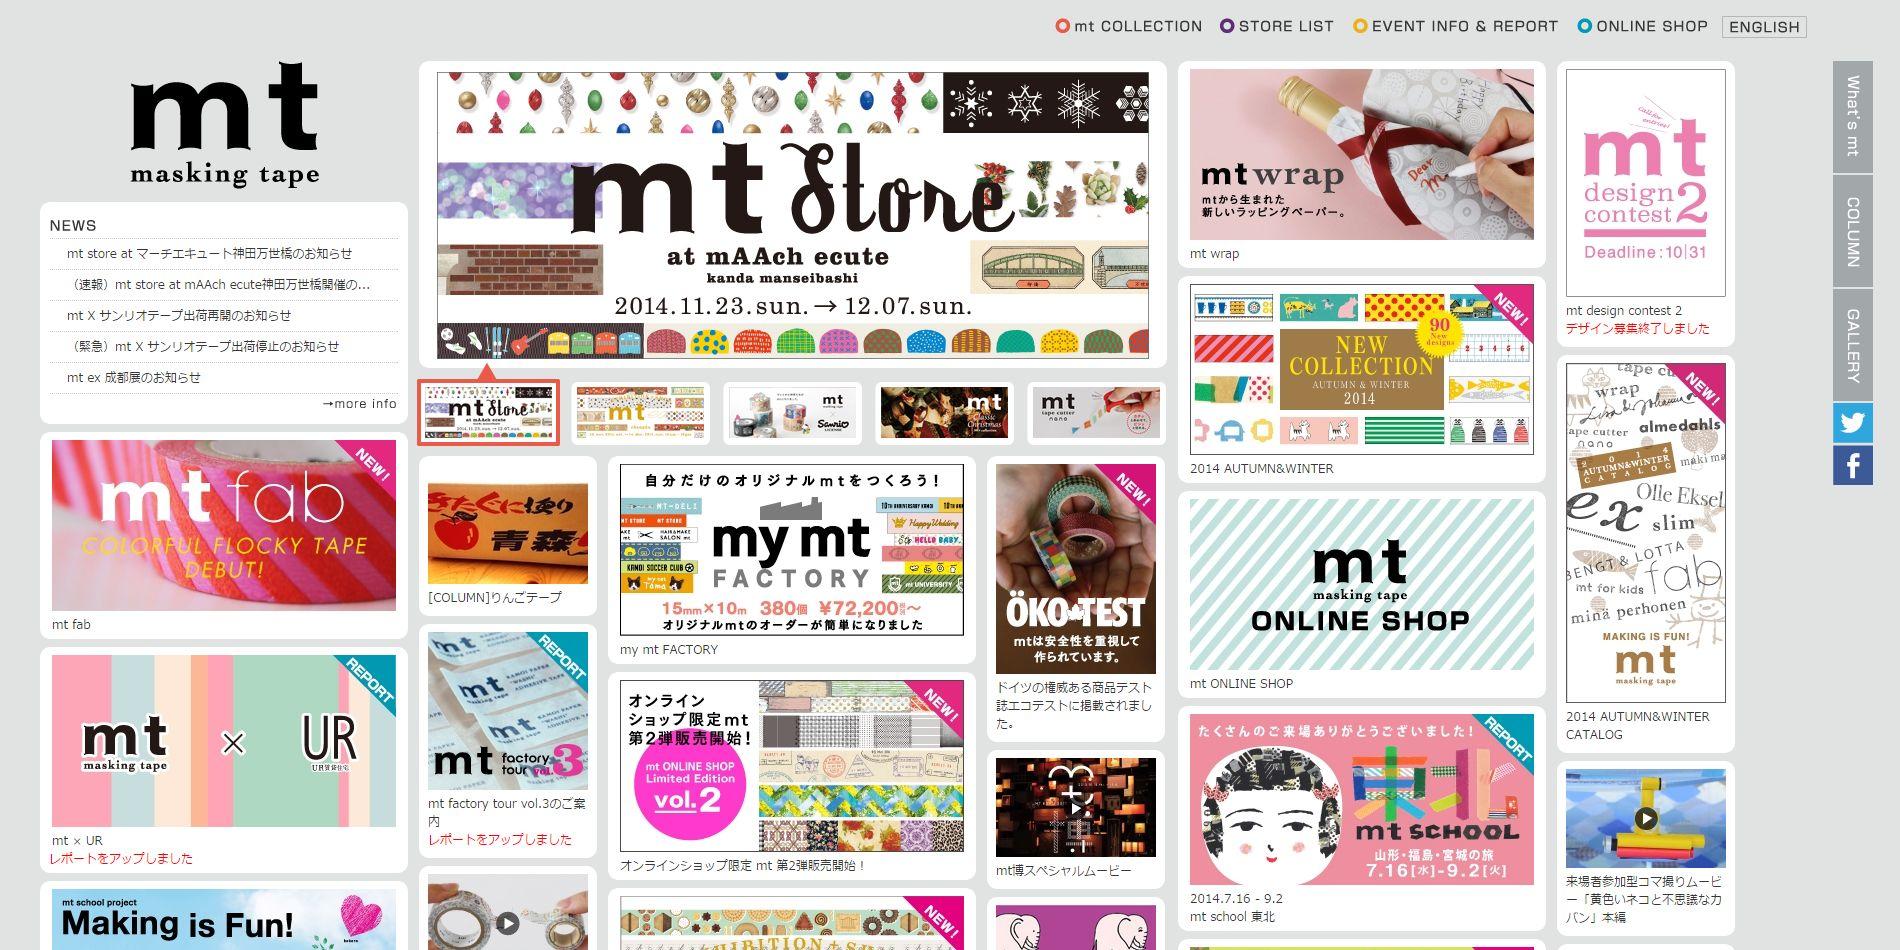 「mt」のブランドサイト